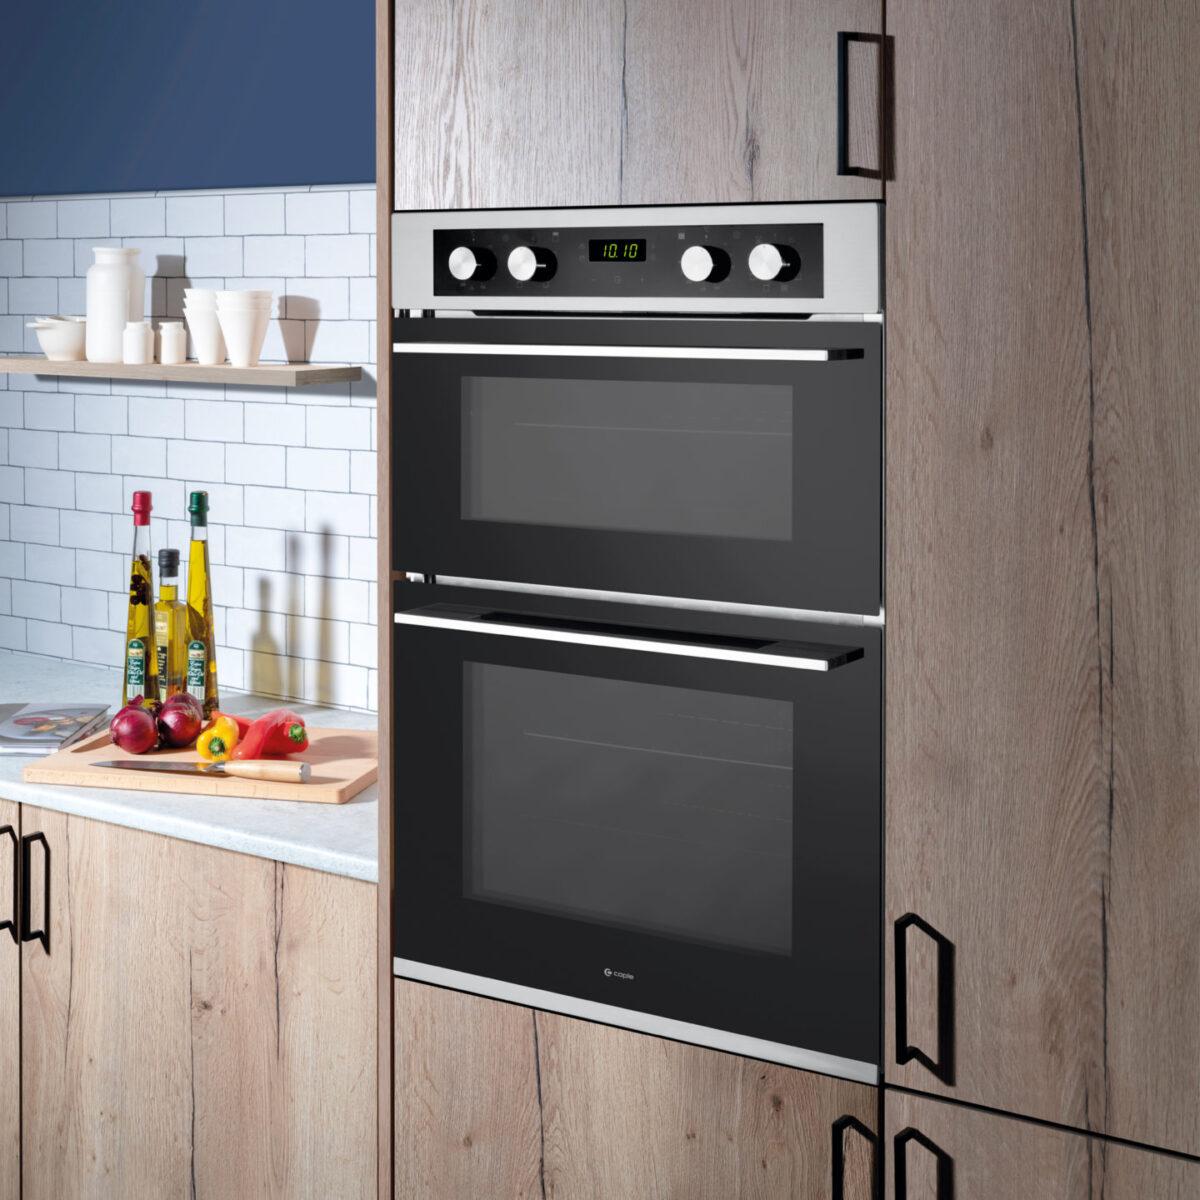 essential-appliances-kitchen-oven